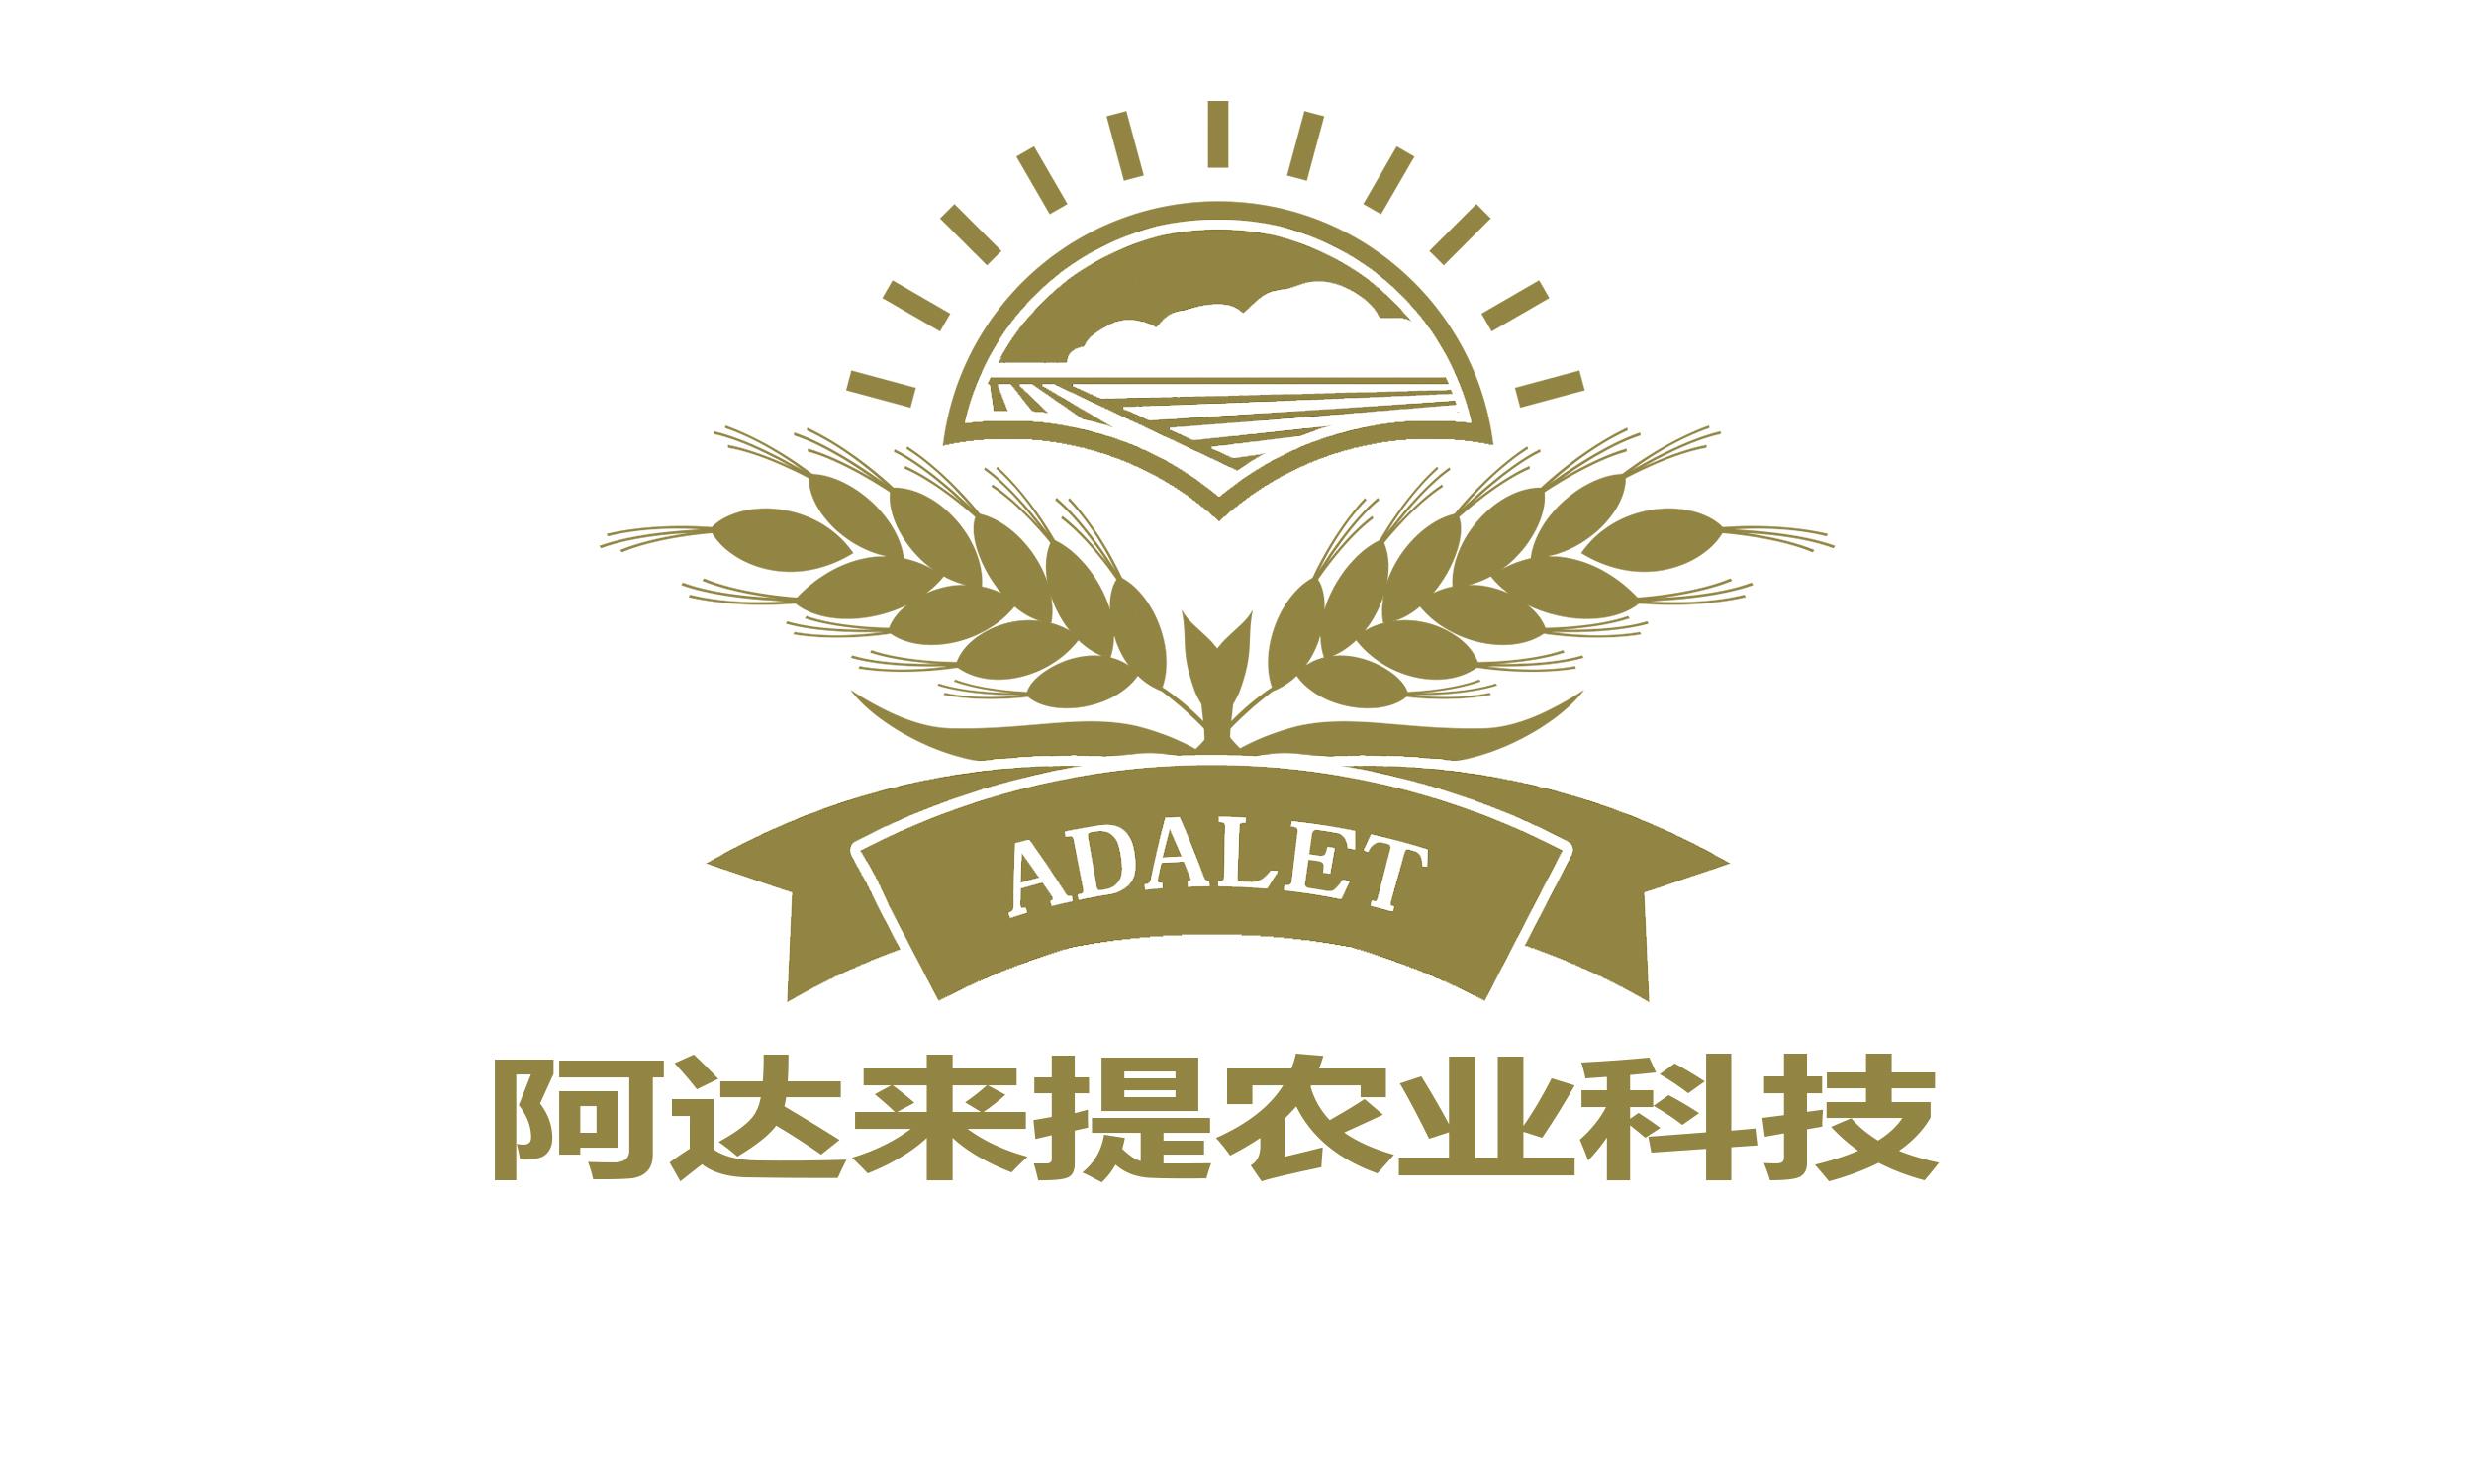 阿达来提农业科技有限公司 logo图片